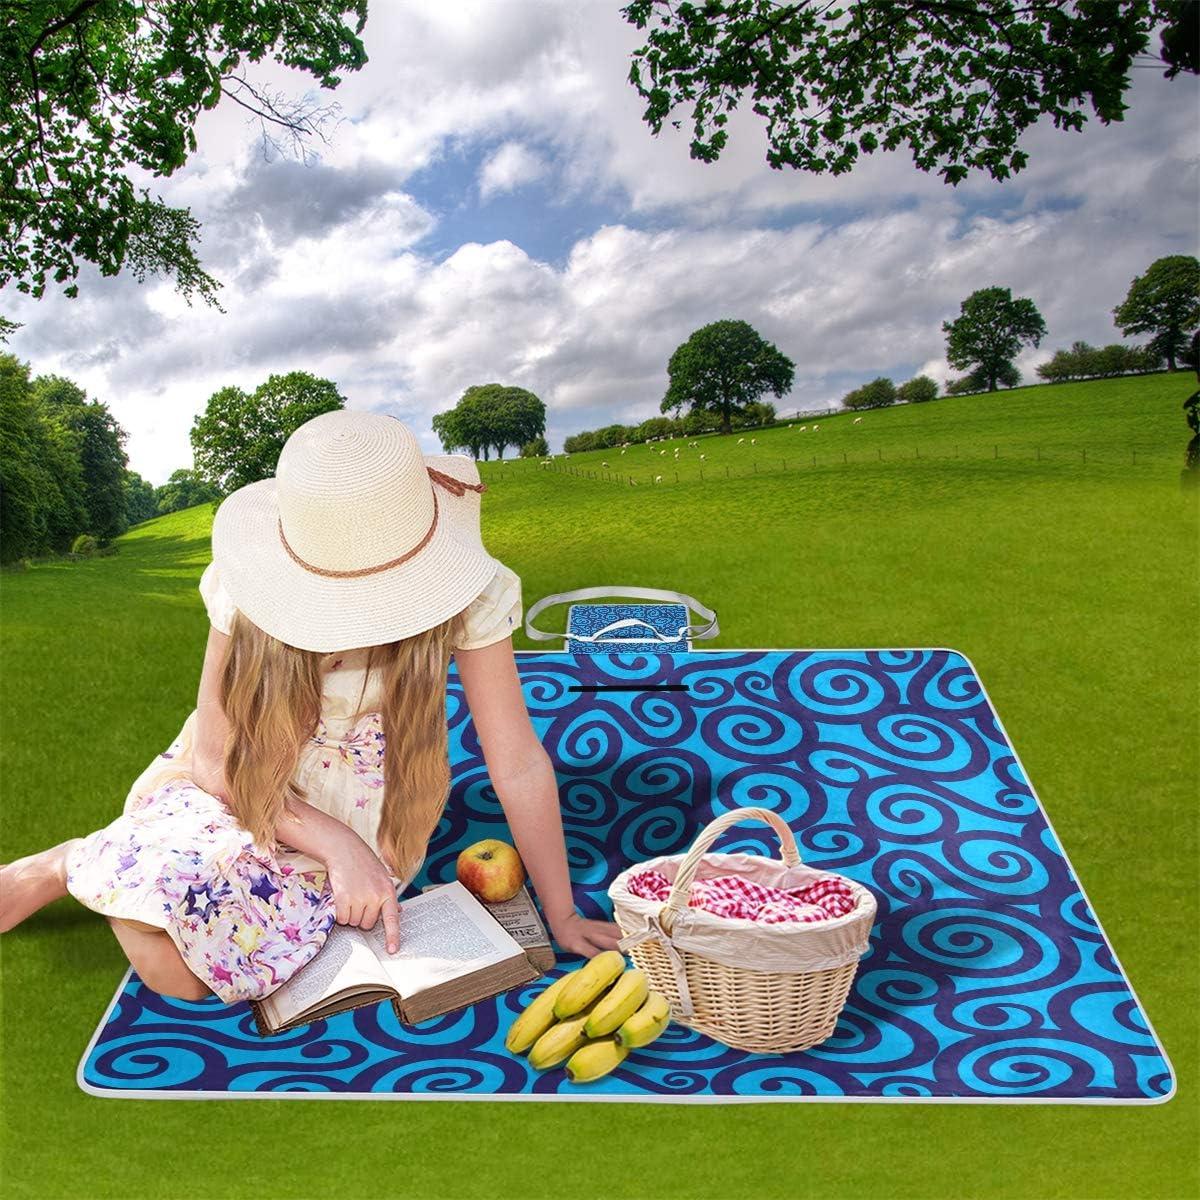 GEEVOSUN Coperta da Picnic Tappetino Campeggio,Doodles variopinti delle Onde astratte del Cuore dell'illustrazione,Giardino Spiaggia Impermeabile Anti Sabbia 1